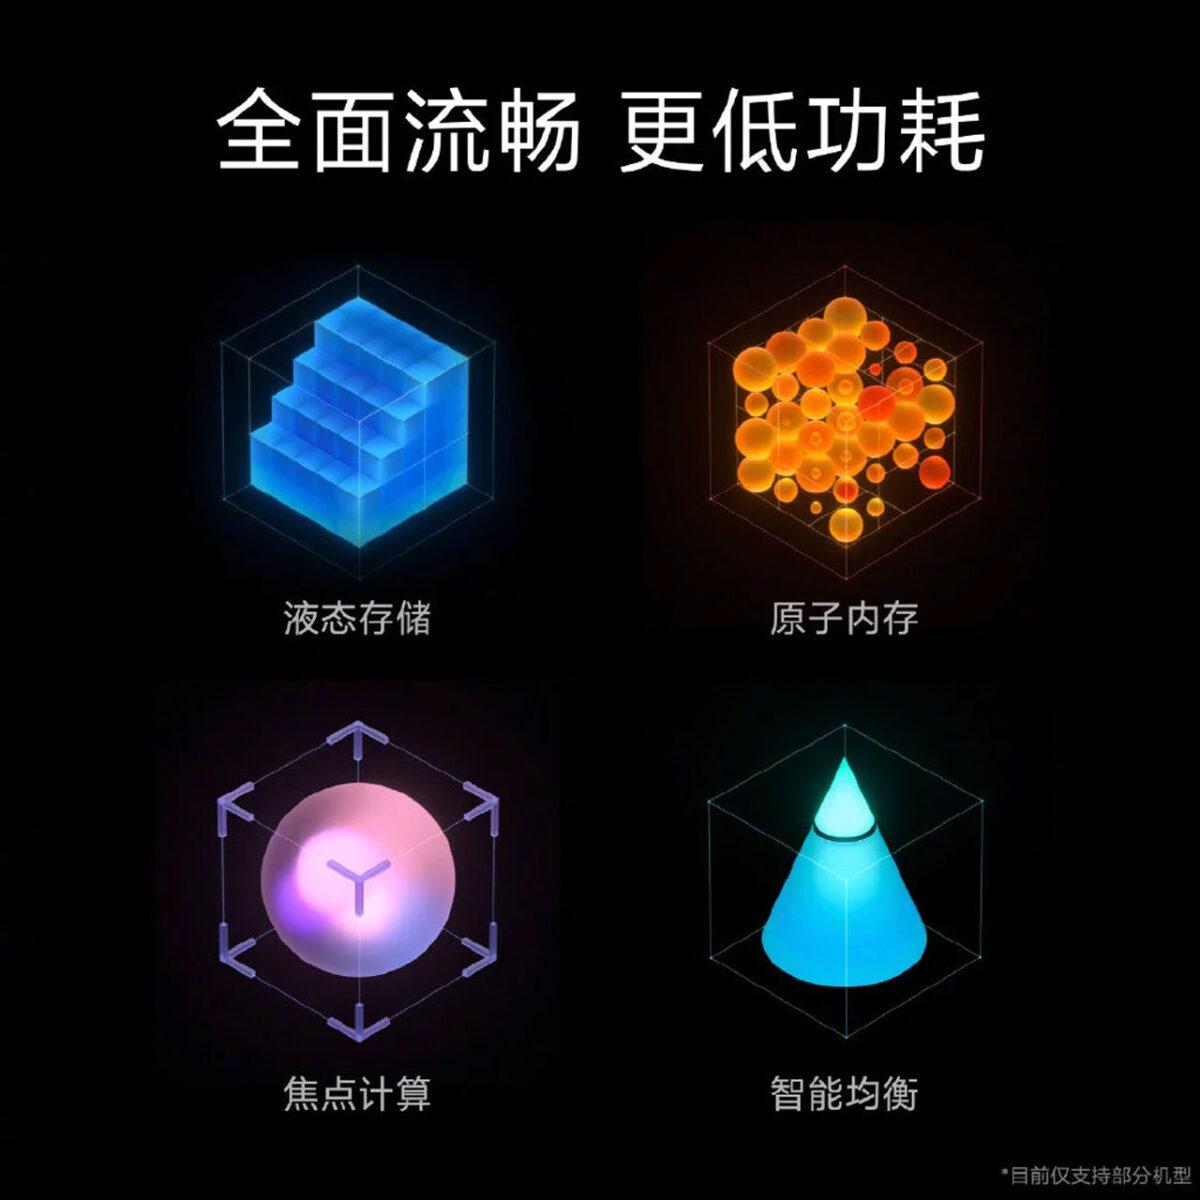 xiaomi miui 12.5 updated version